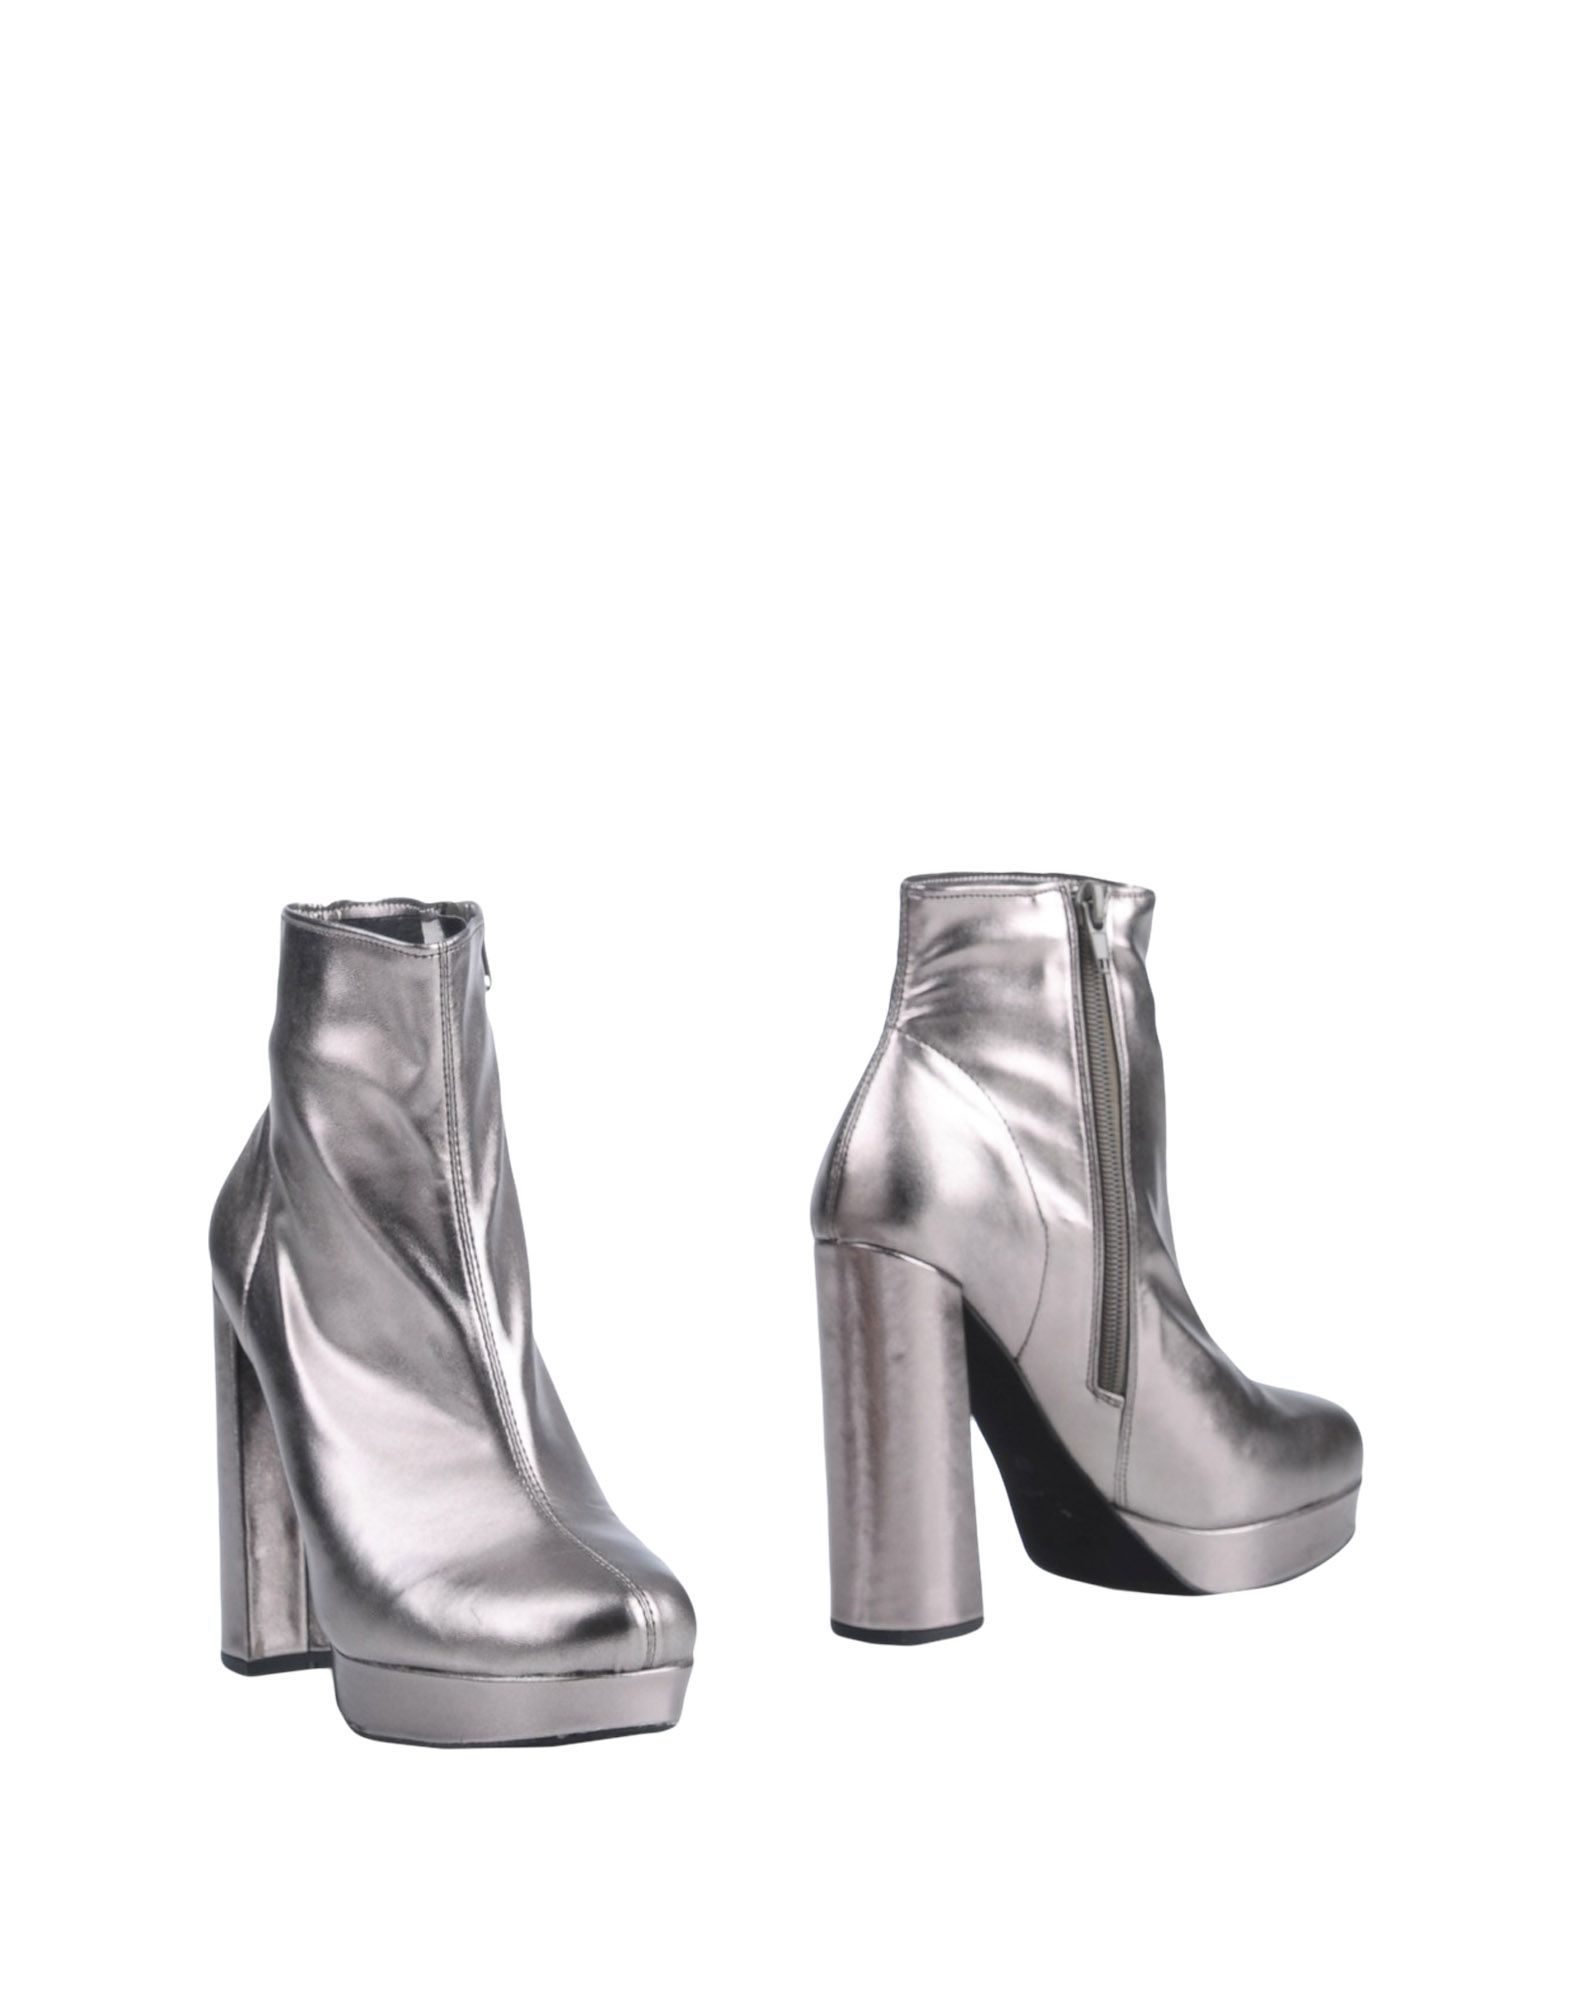 Jeffrey Campbell Stiefelette Qualität Damen  11315946GJ Gute Qualität Stiefelette beliebte Schuhe 344cd6